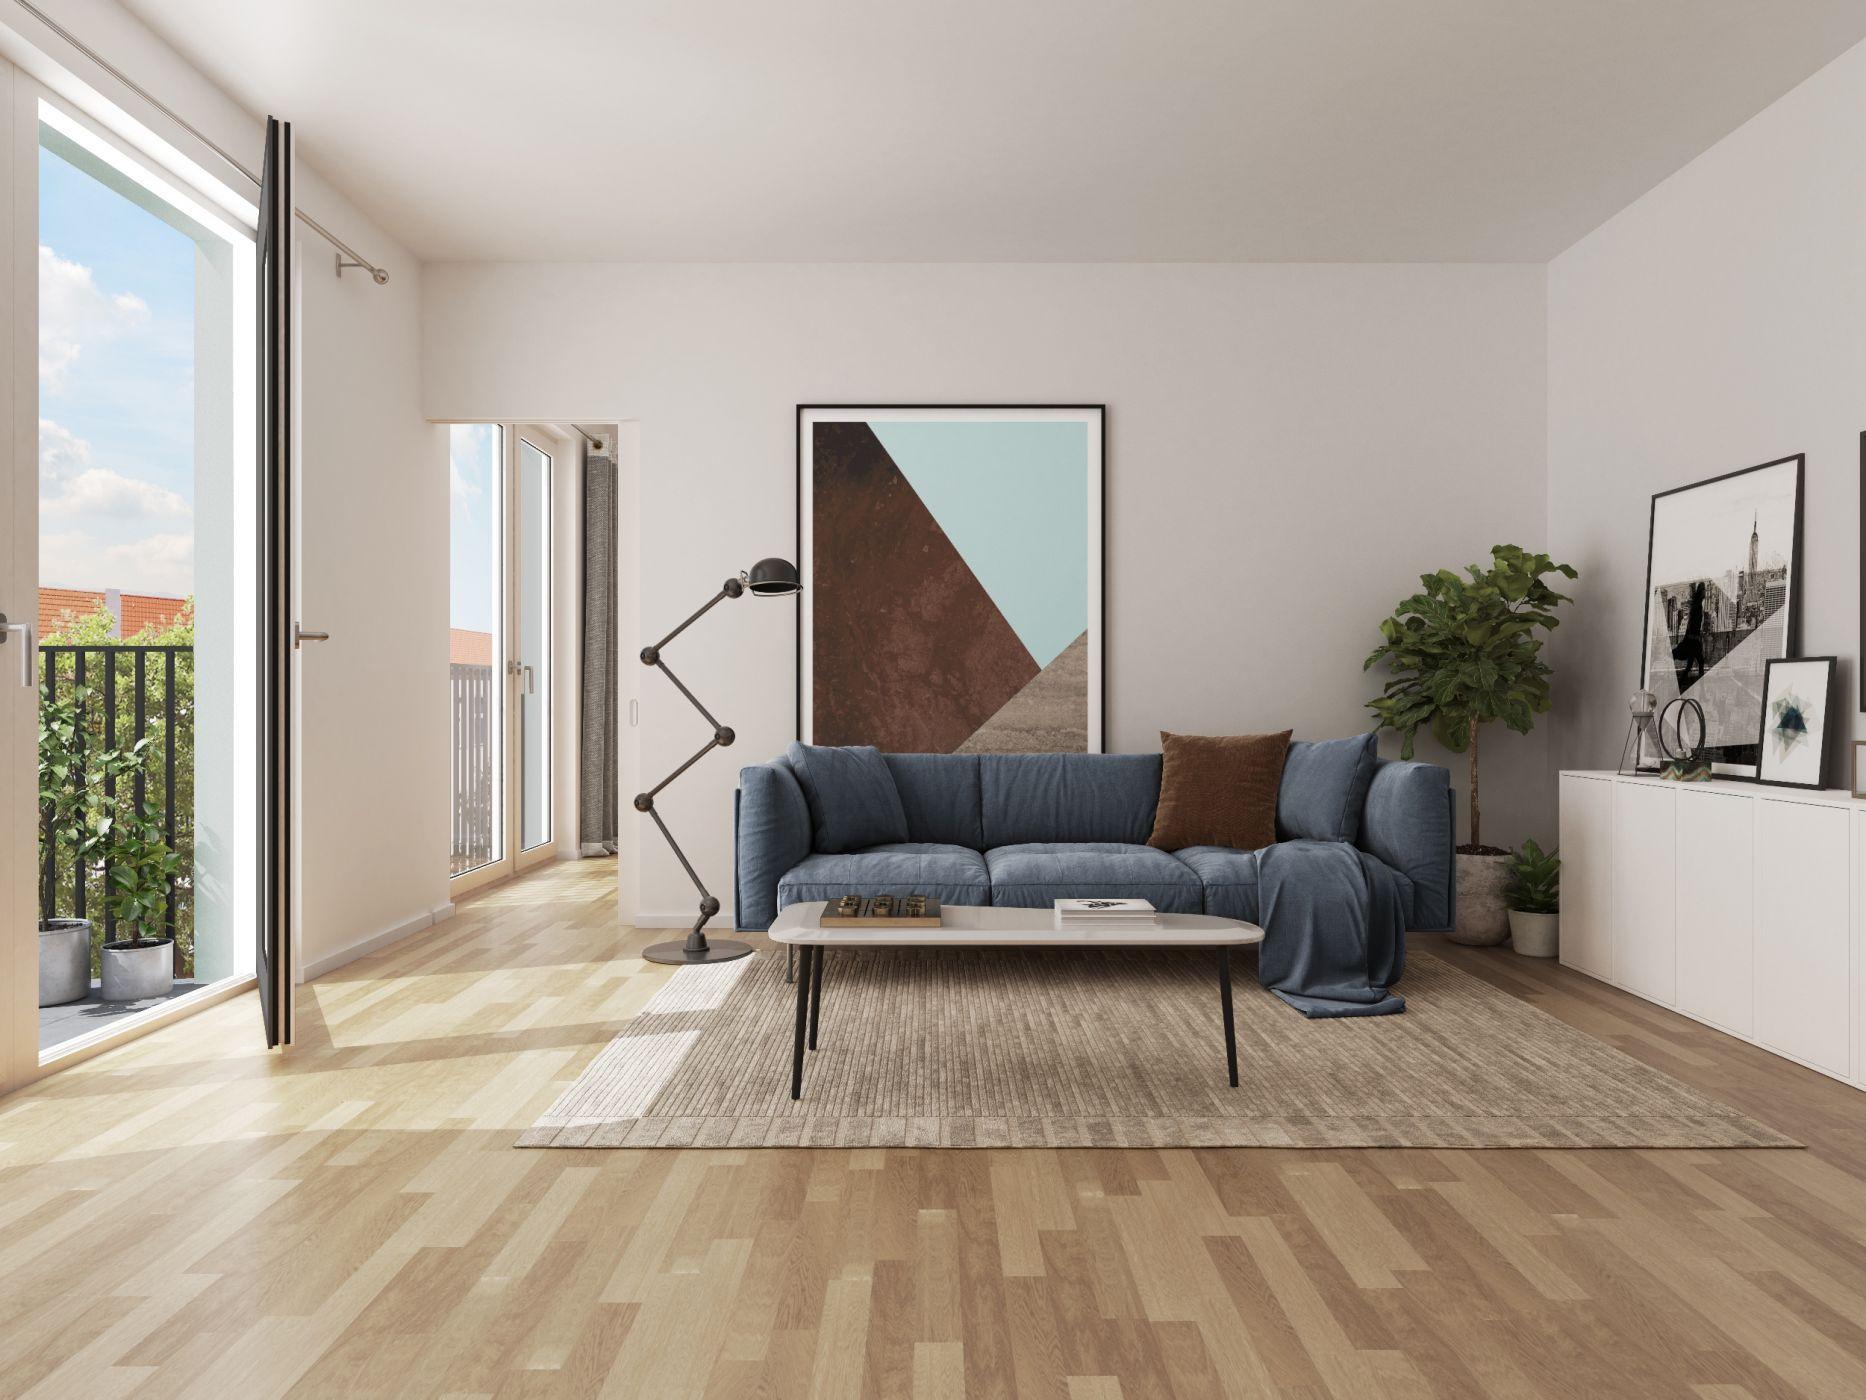 Modernes Wohnzimmer, Wohnraum, Gestaltung Wohnzimmer, blaues Sofa